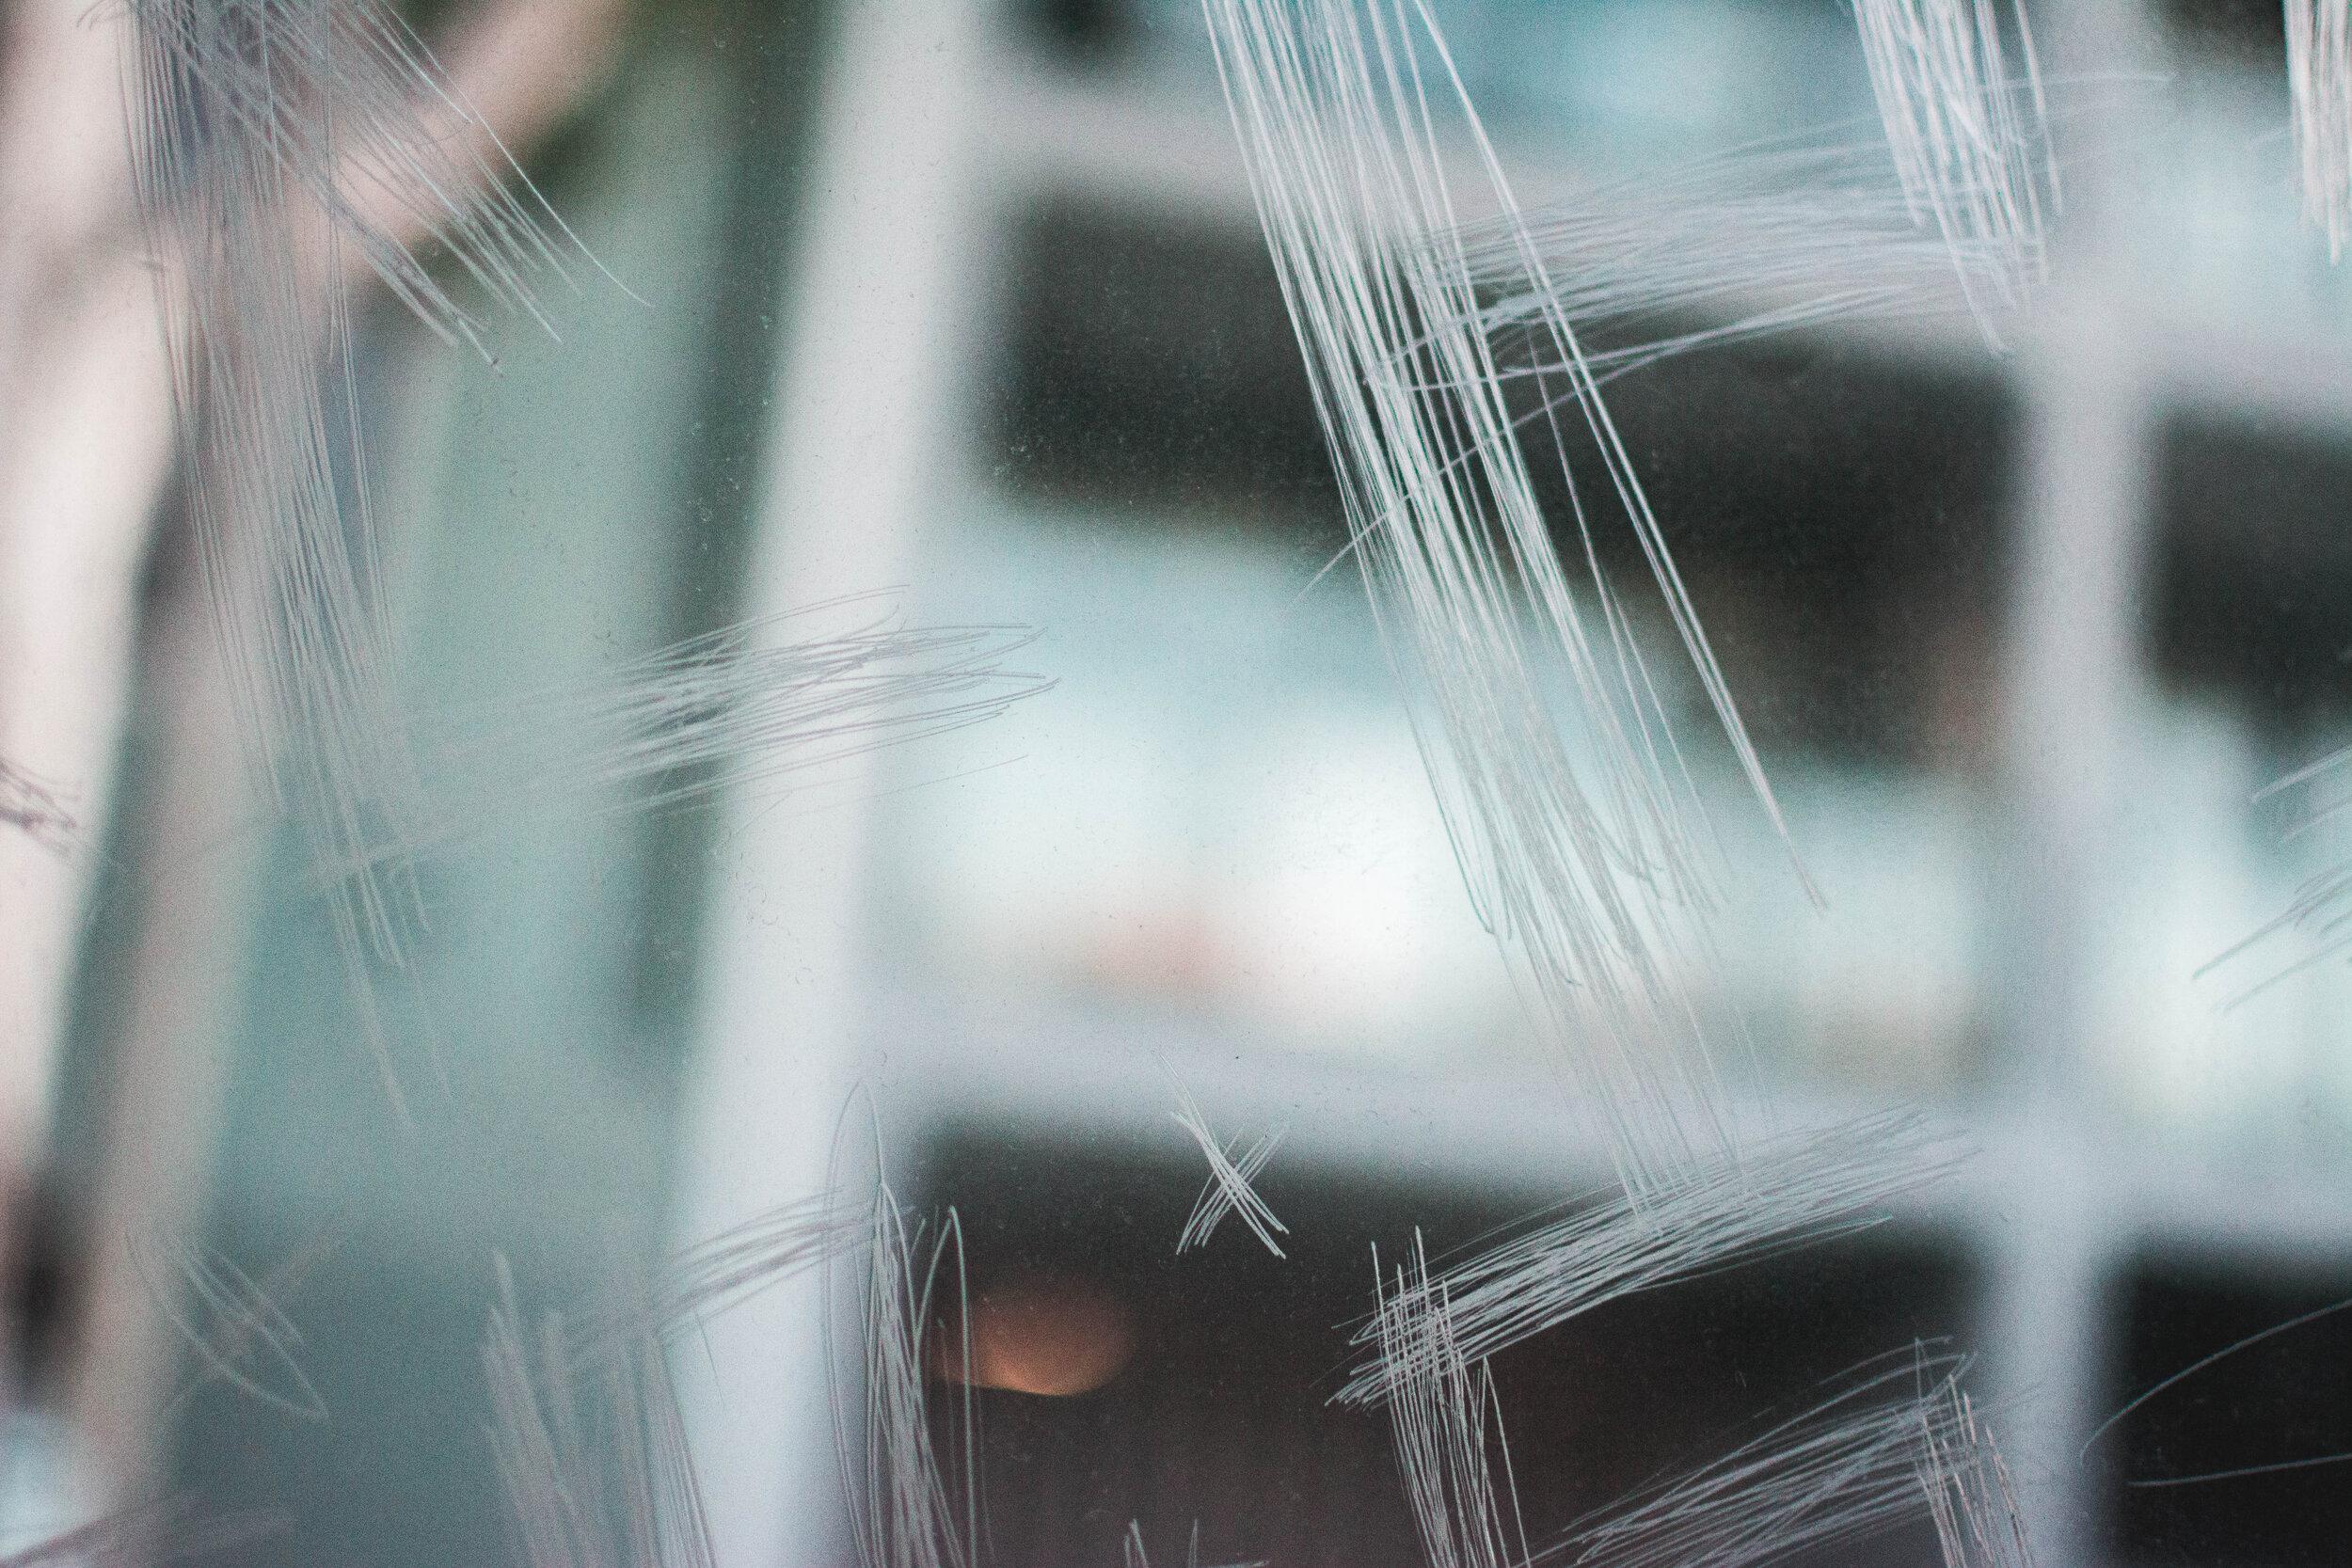 Glass with graffiti/vandalism